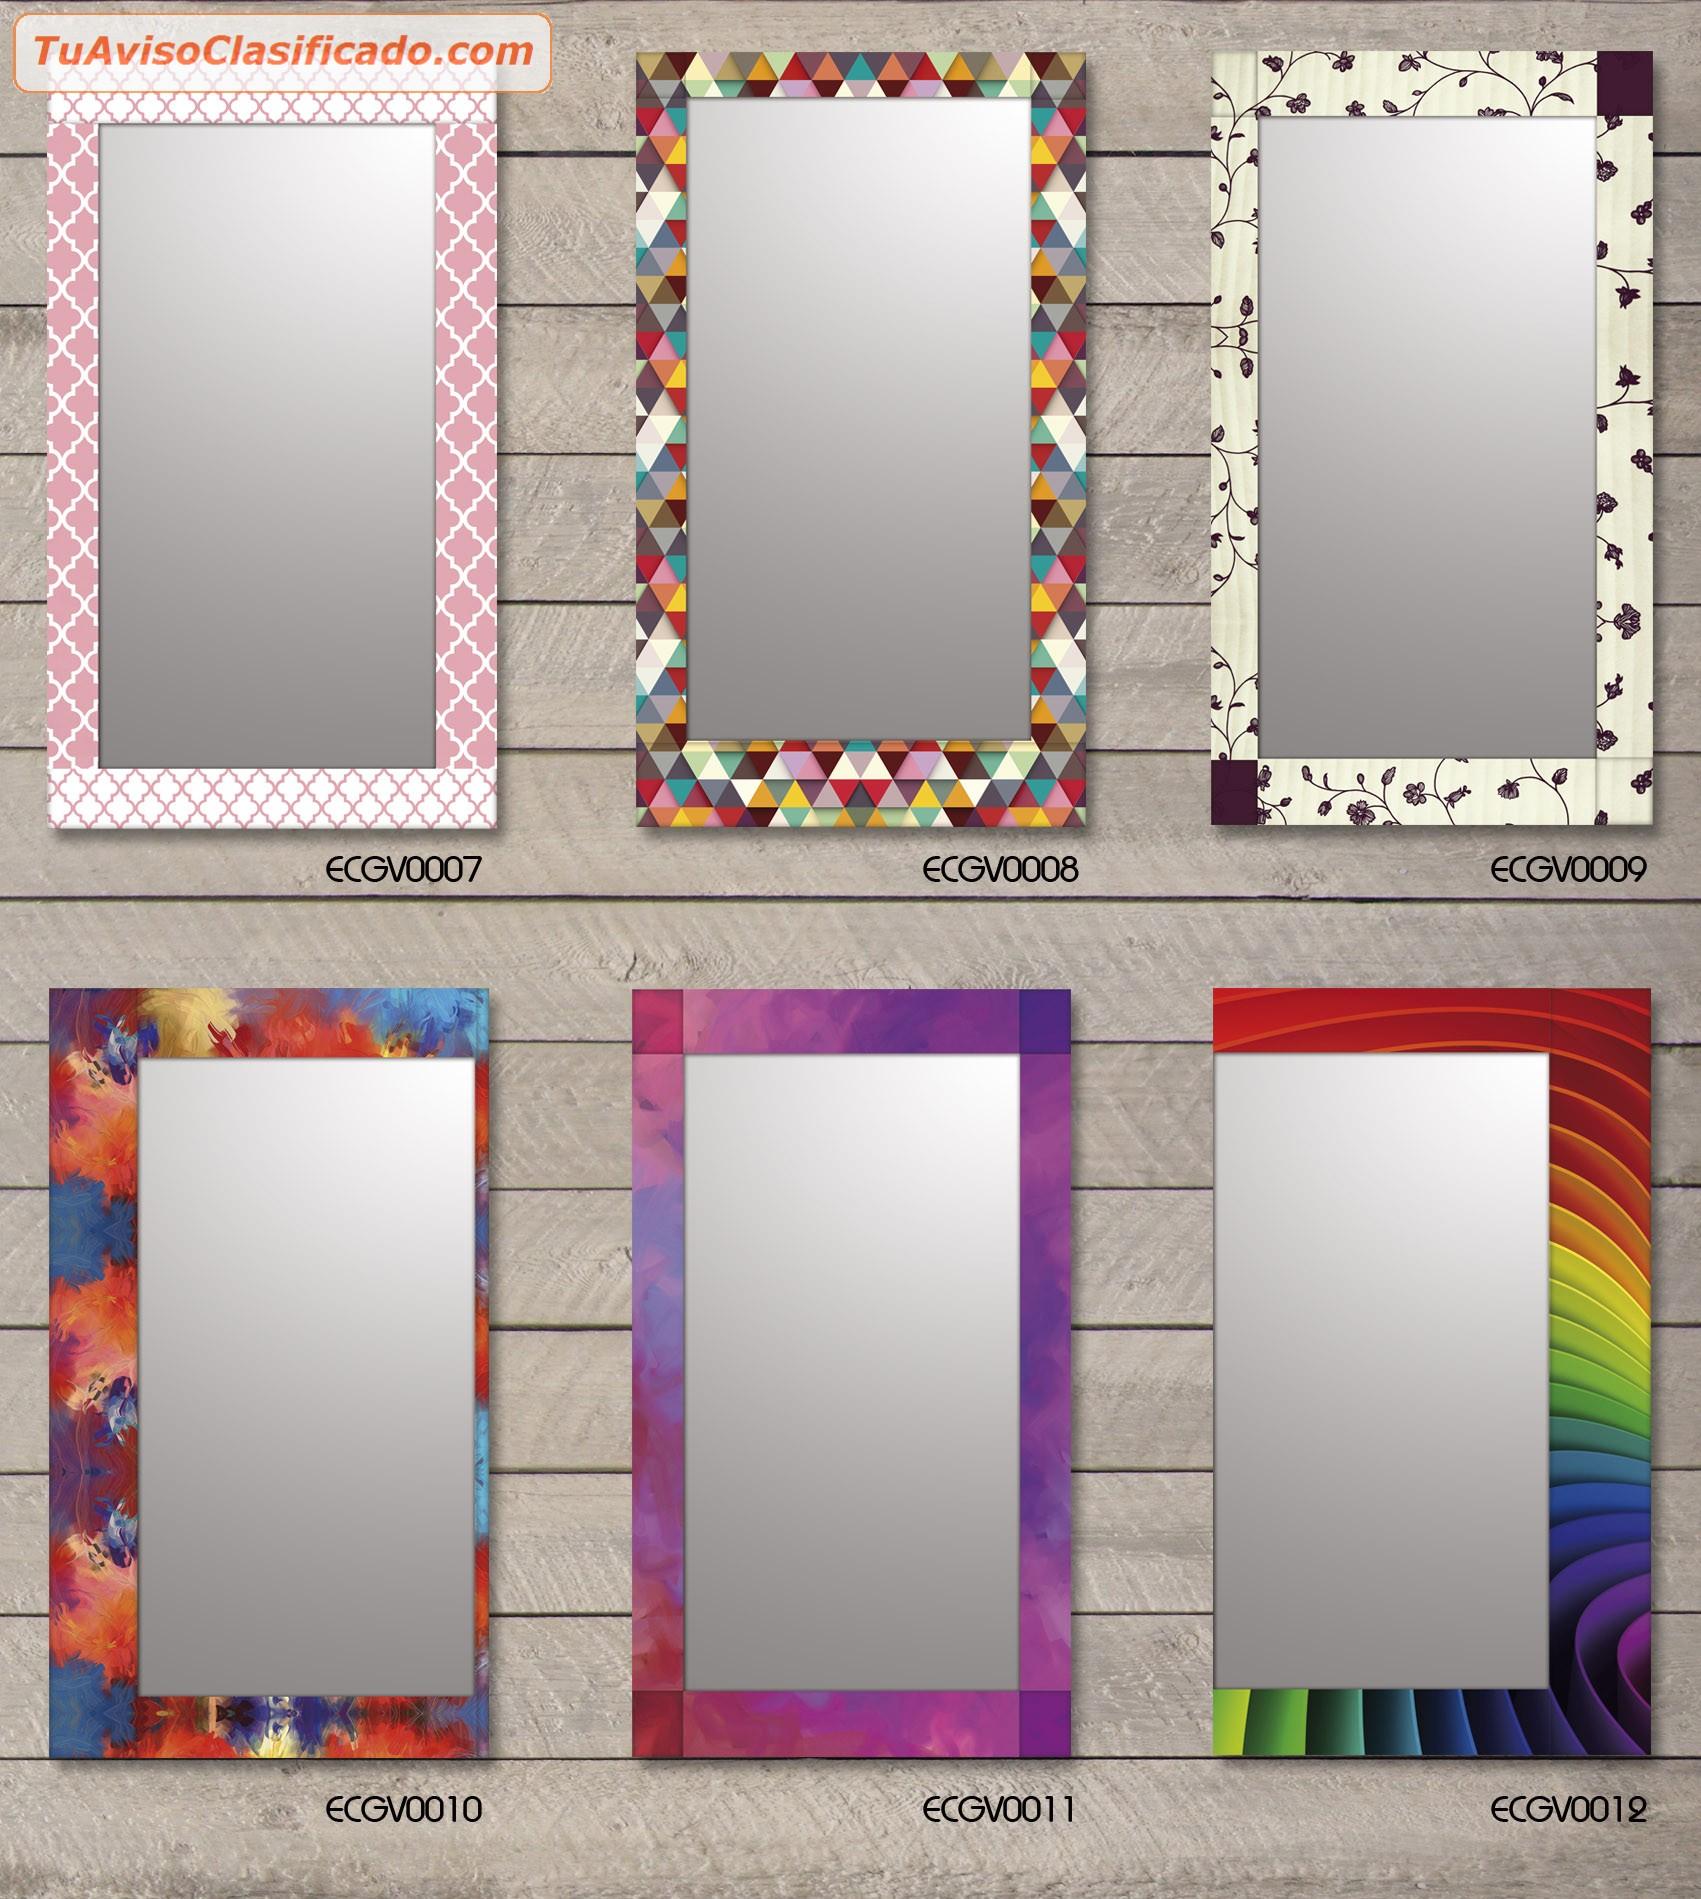 Espejos modernos novedad guardas de vidrio full color el for Marcos para espejos grandes modernos